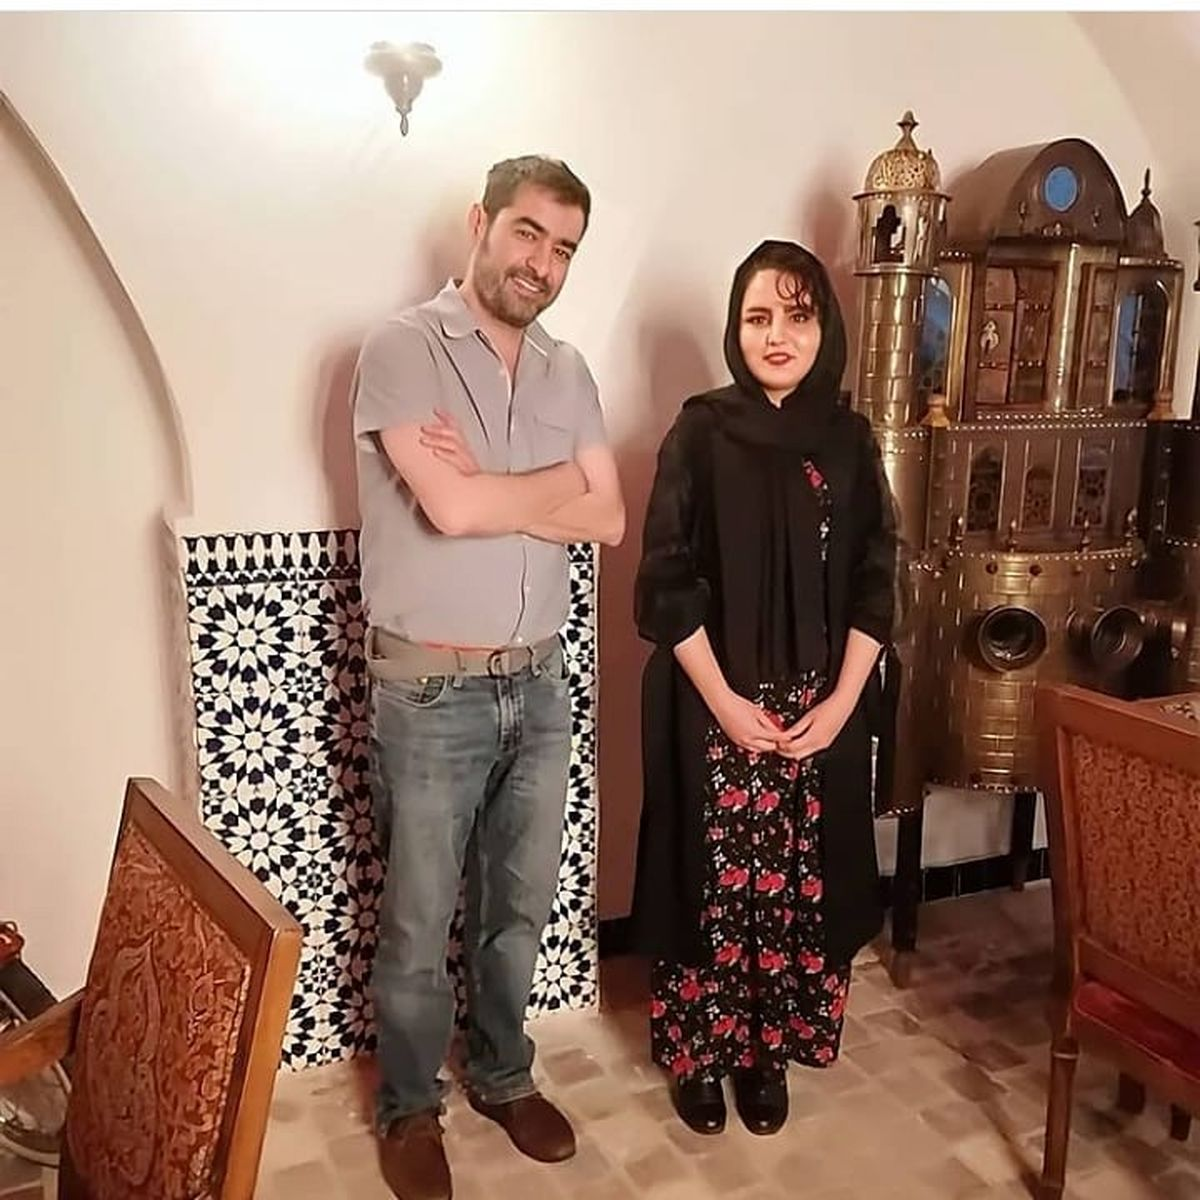 شهاب حسینی در یک رستوران و با یک زن !+عکس